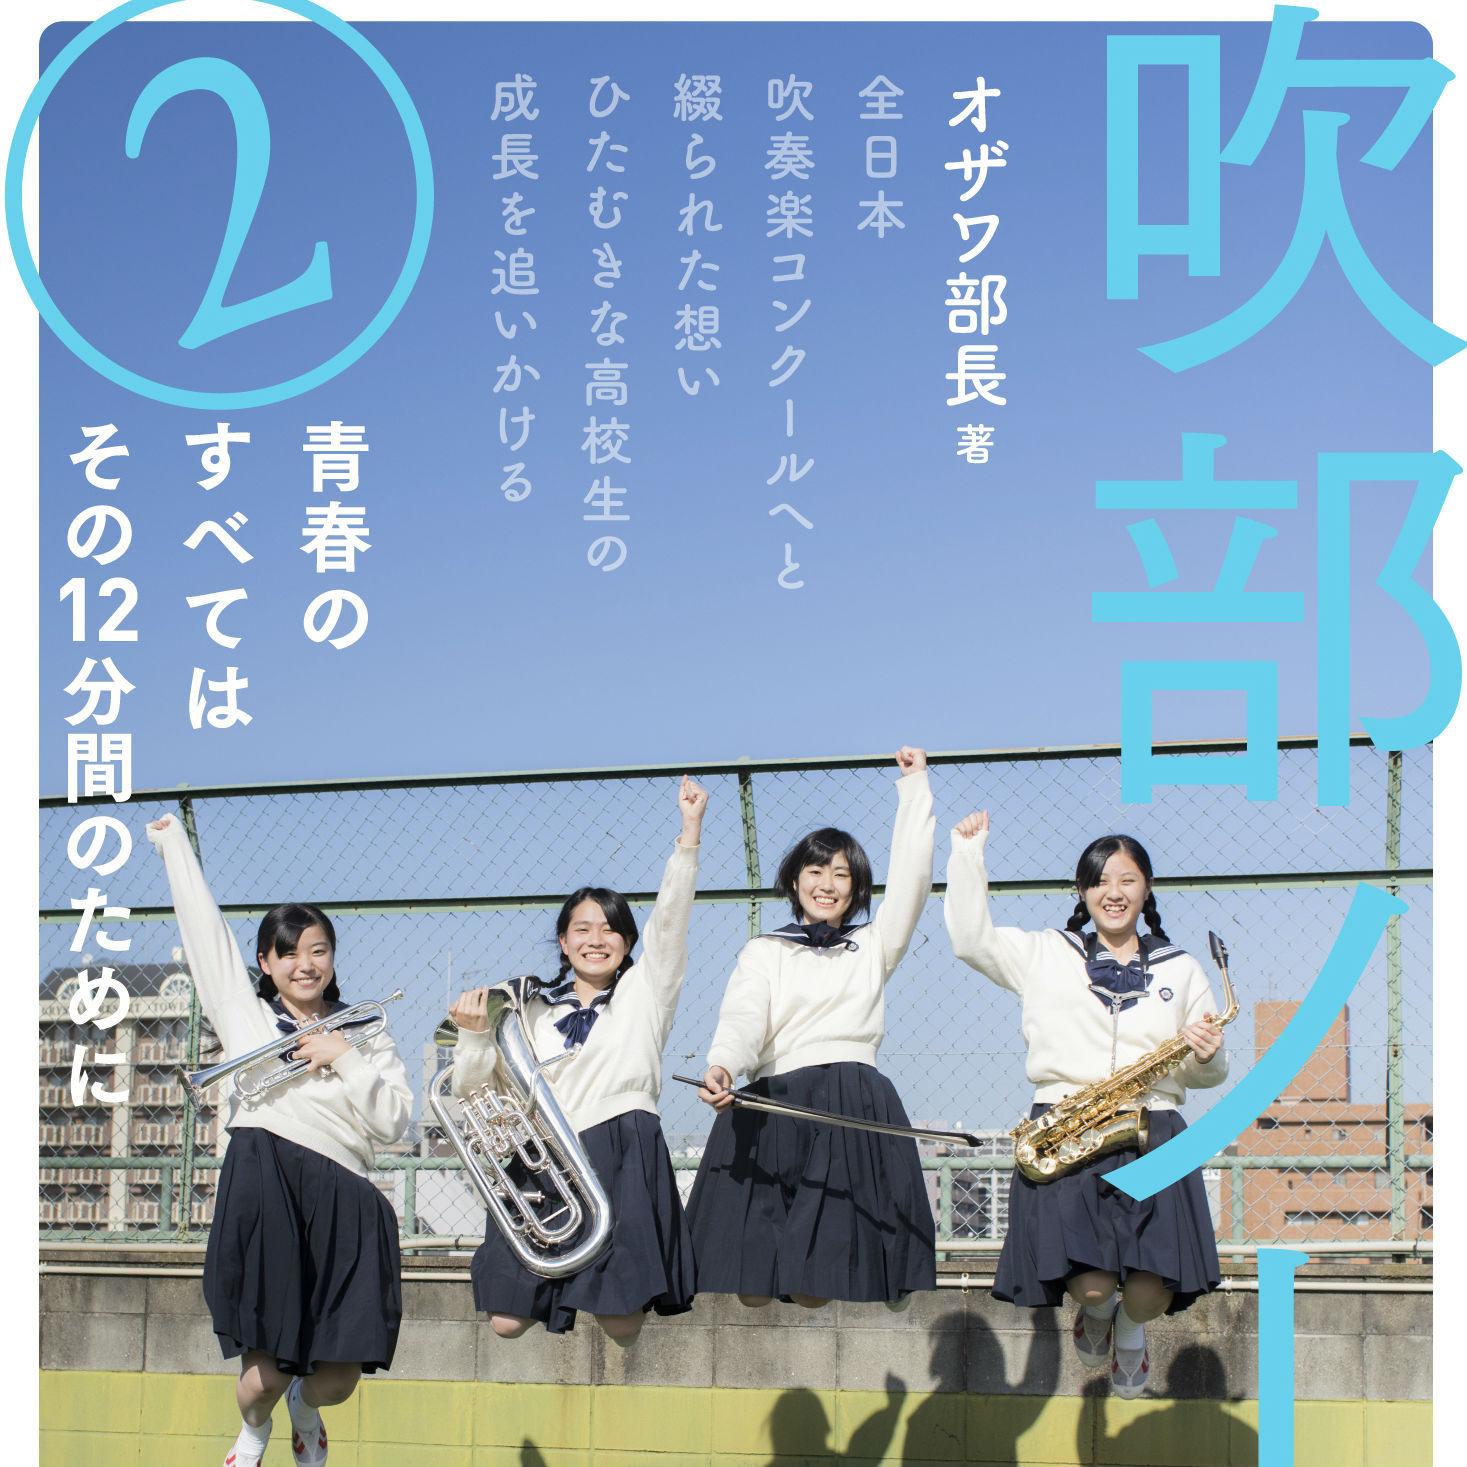 甲子園での応援に感謝を込めて、野球部から吹奏楽部への熱いエール<br />花咲徳栄高校の物語【後編】